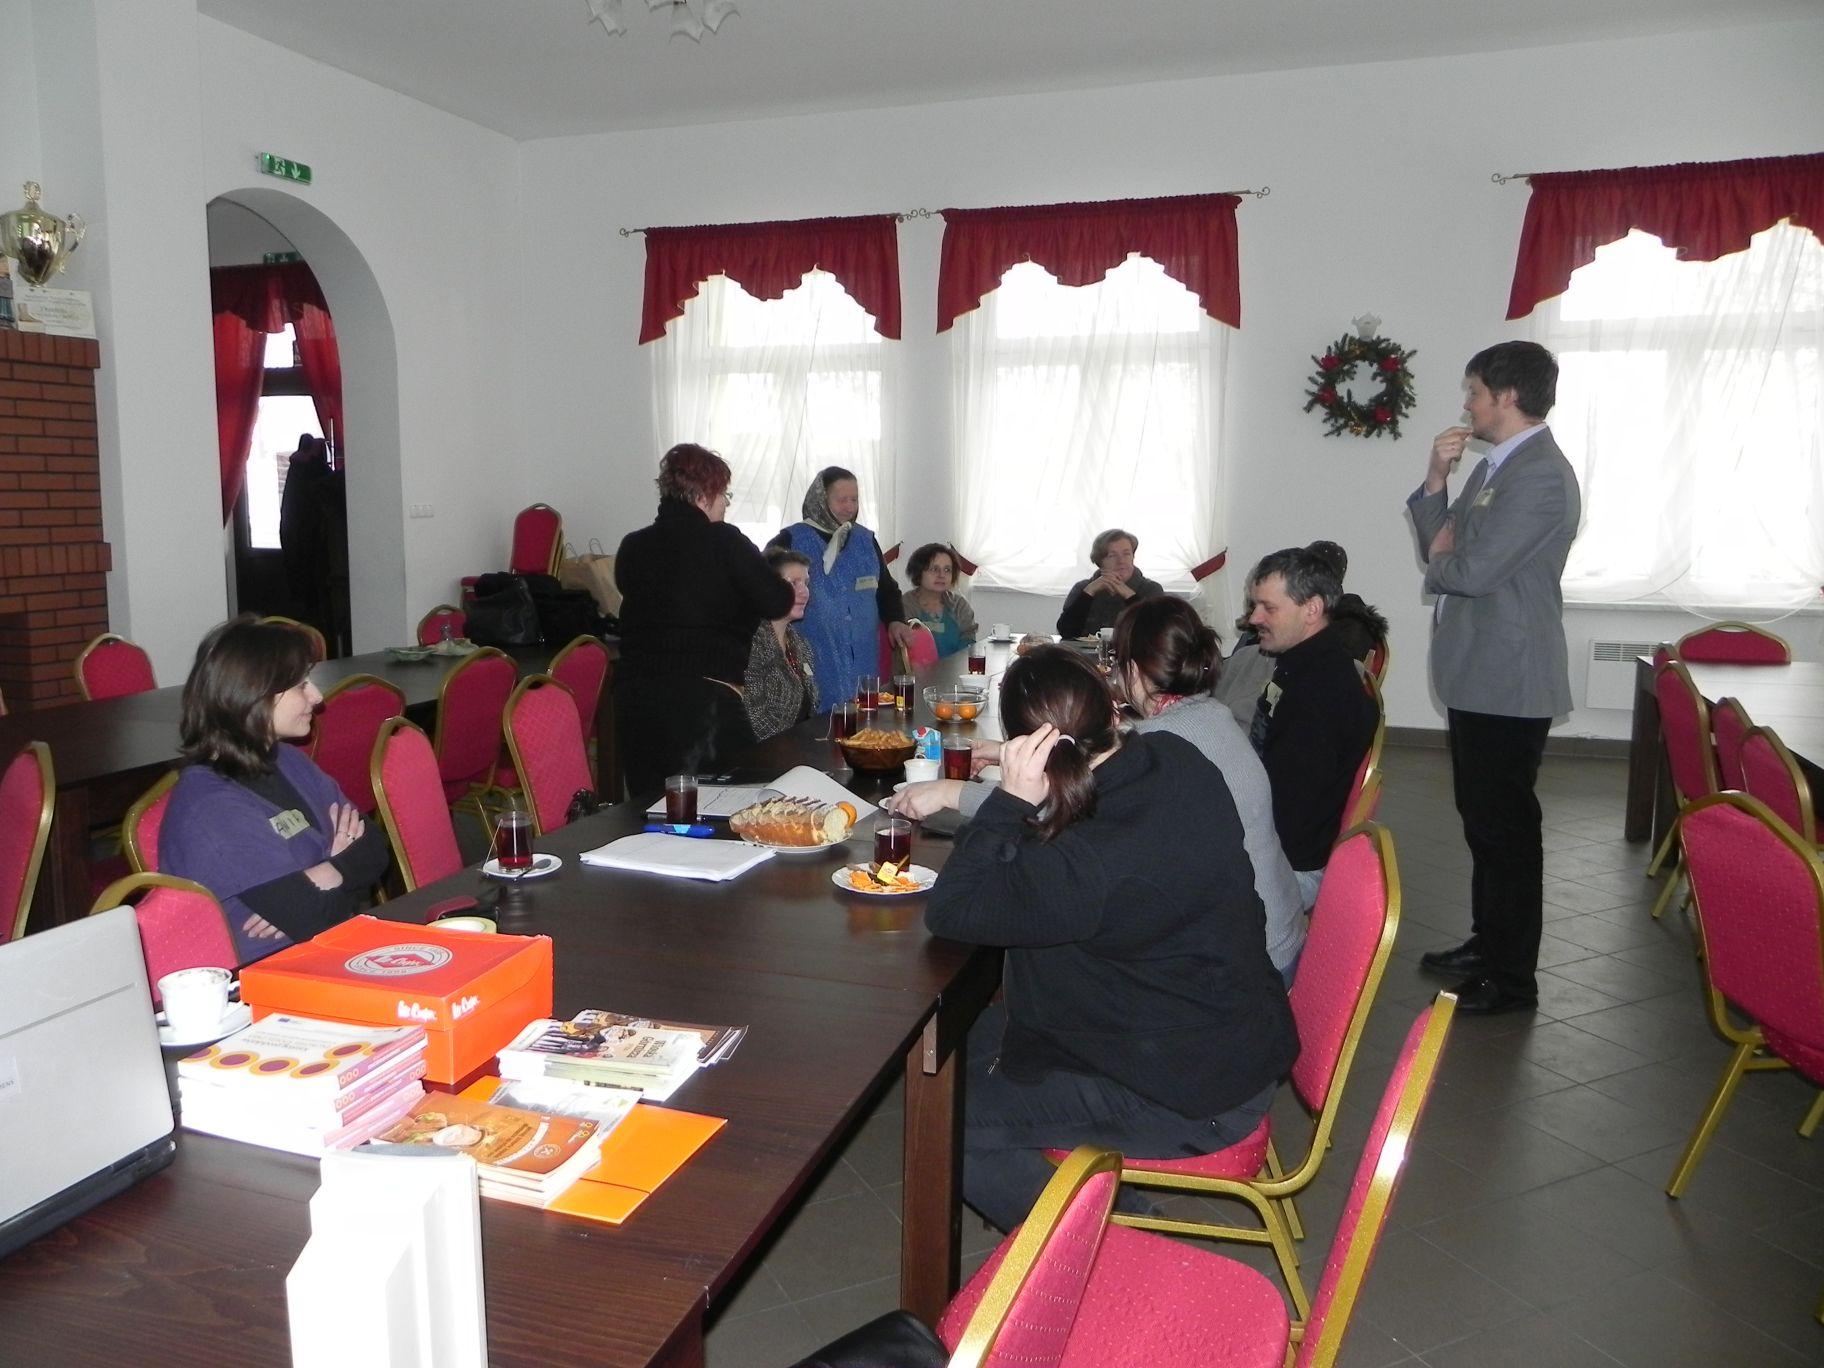 2012-12-14 Wilkowice - Konferencja Wioski tematyczne (169)